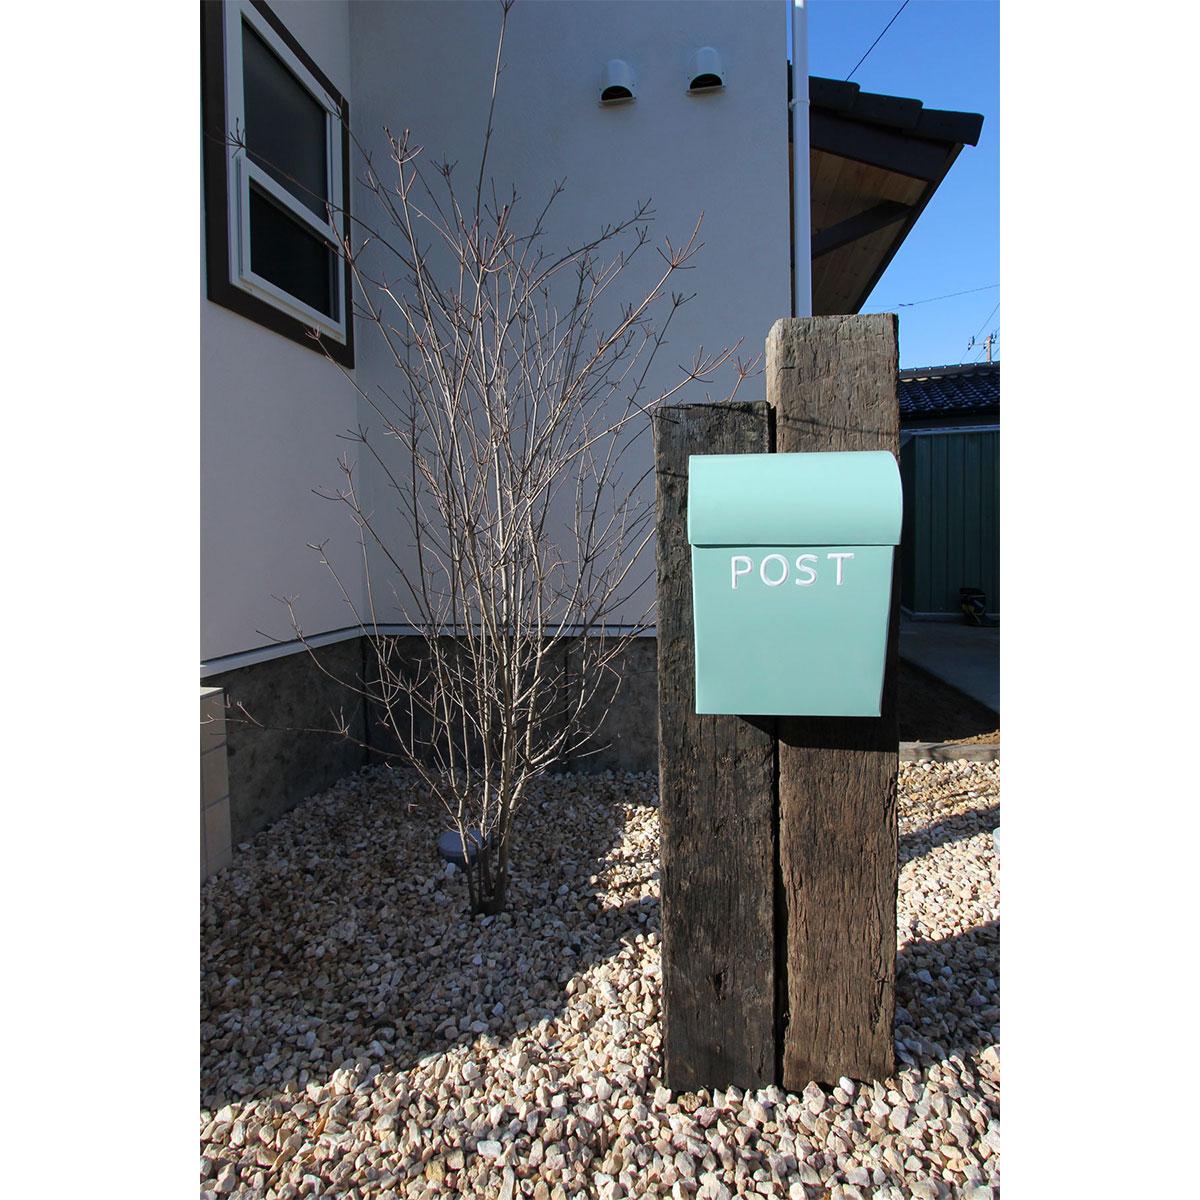 北欧雑貨のメールボックス(ポスト)